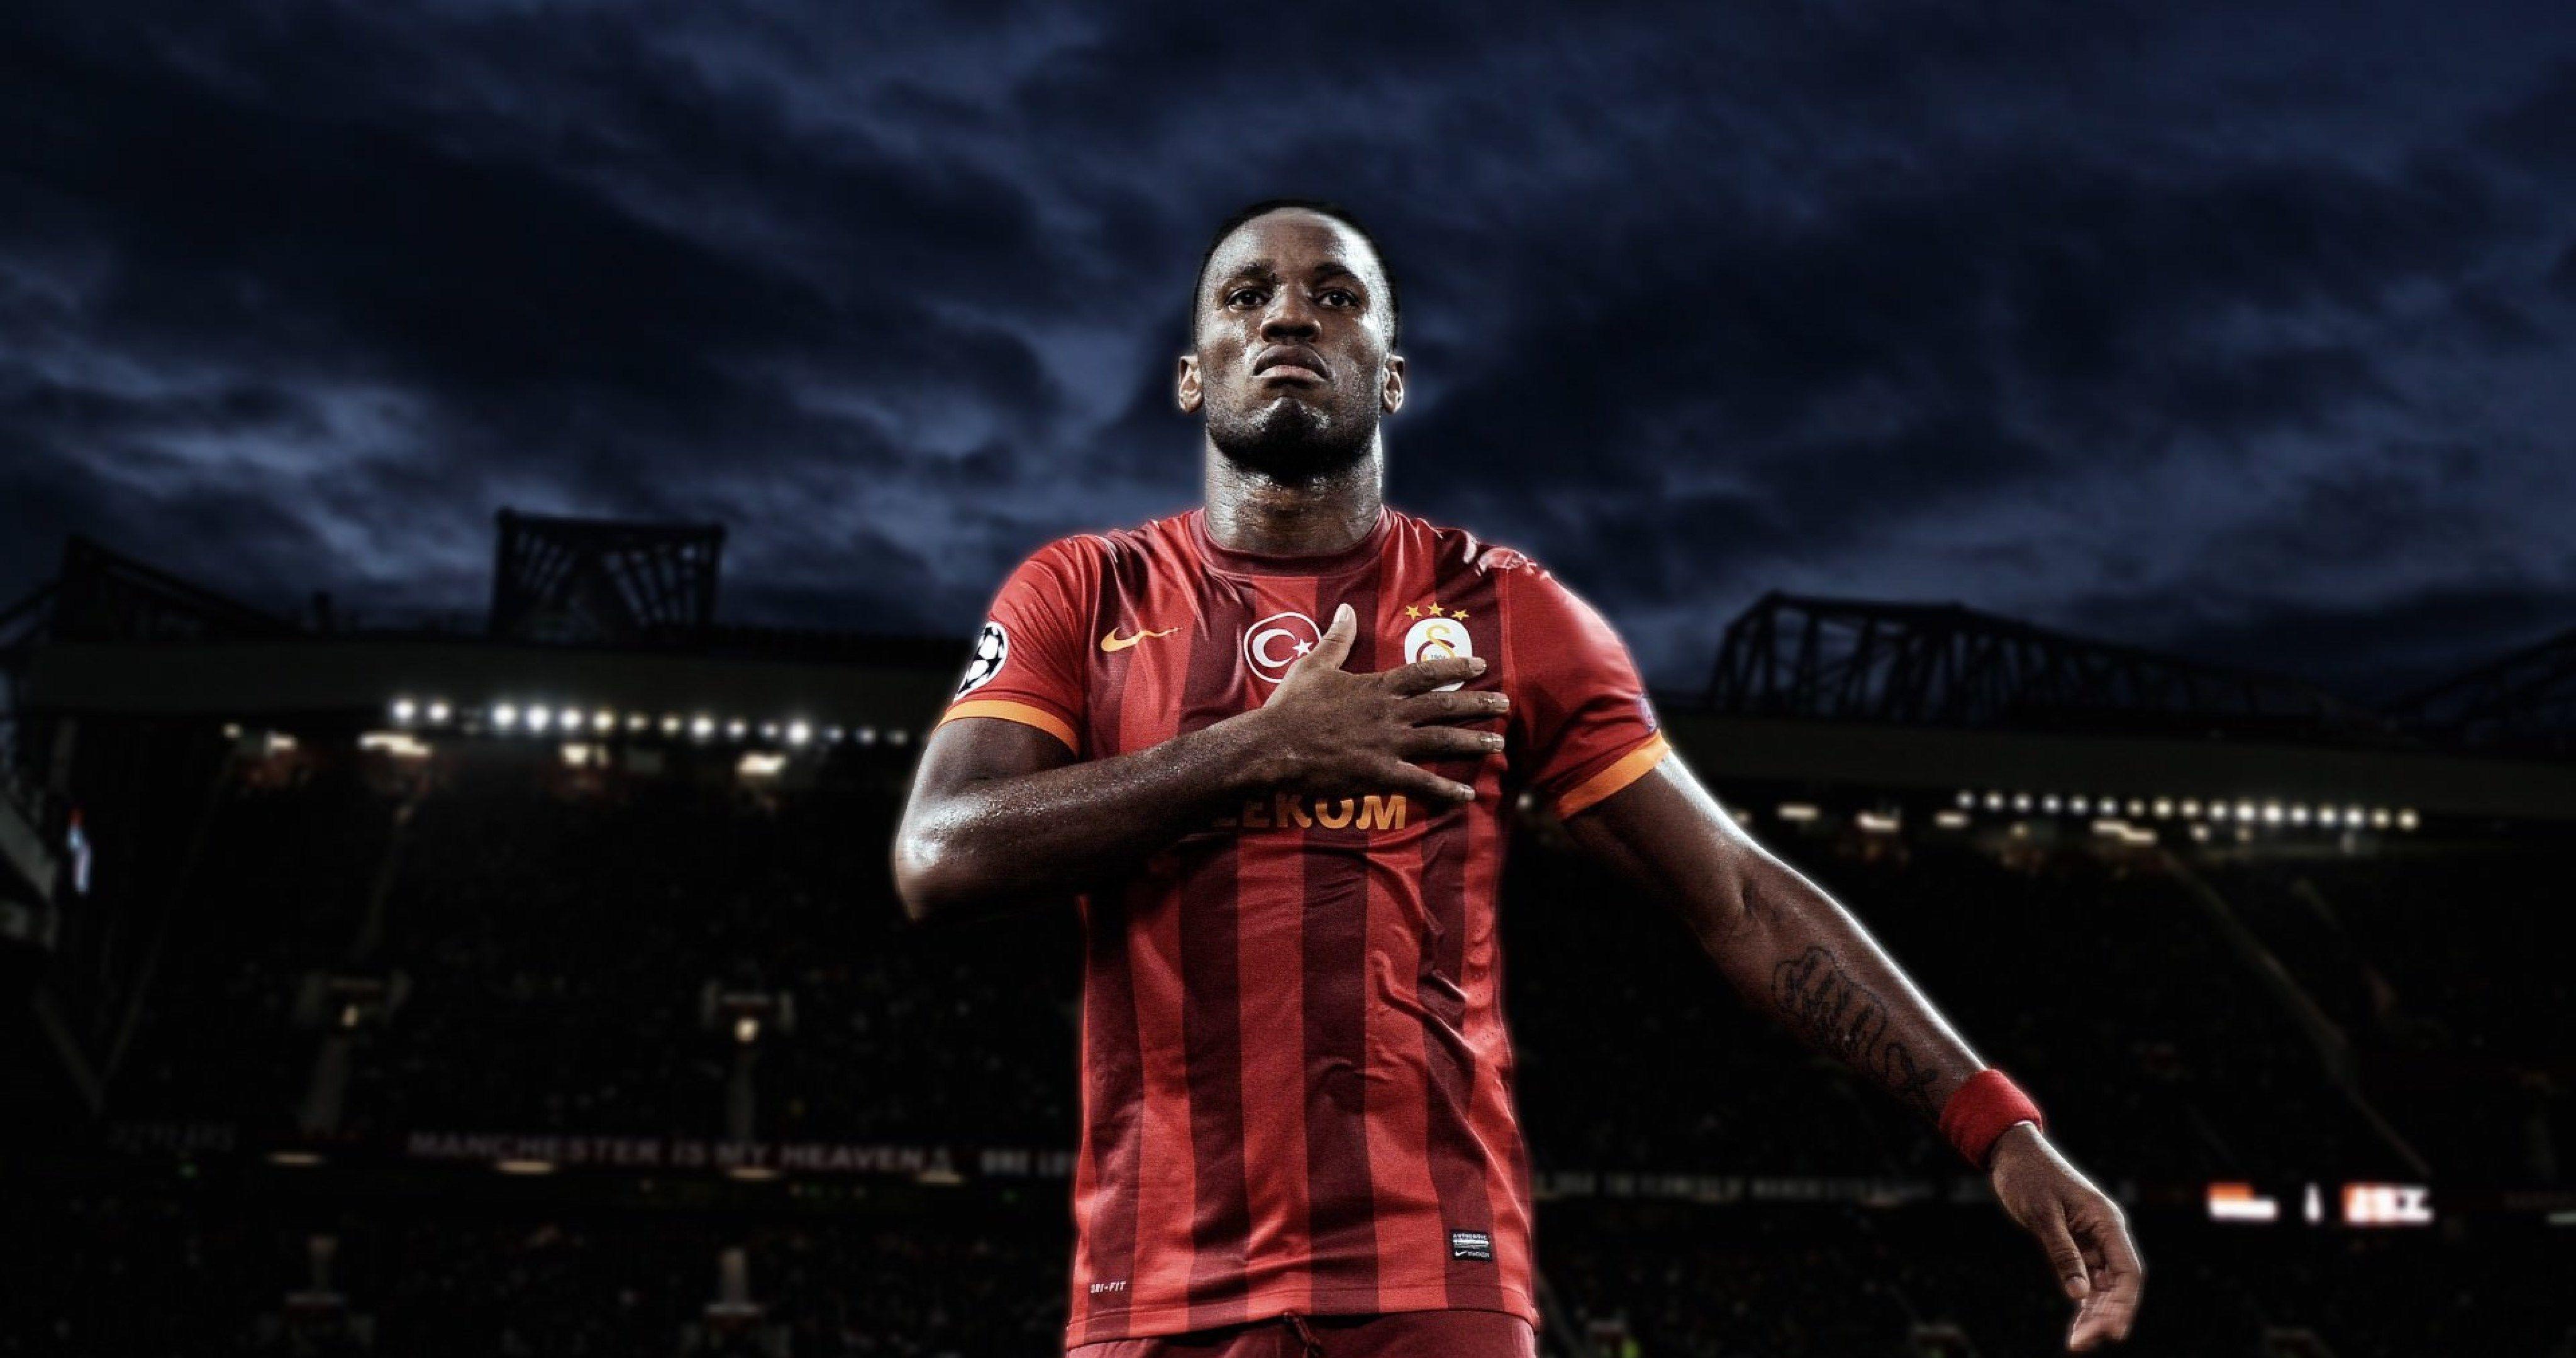 Didier Drogba Football 4k Ultra Hd Wallpaper Didier Drogba Hd